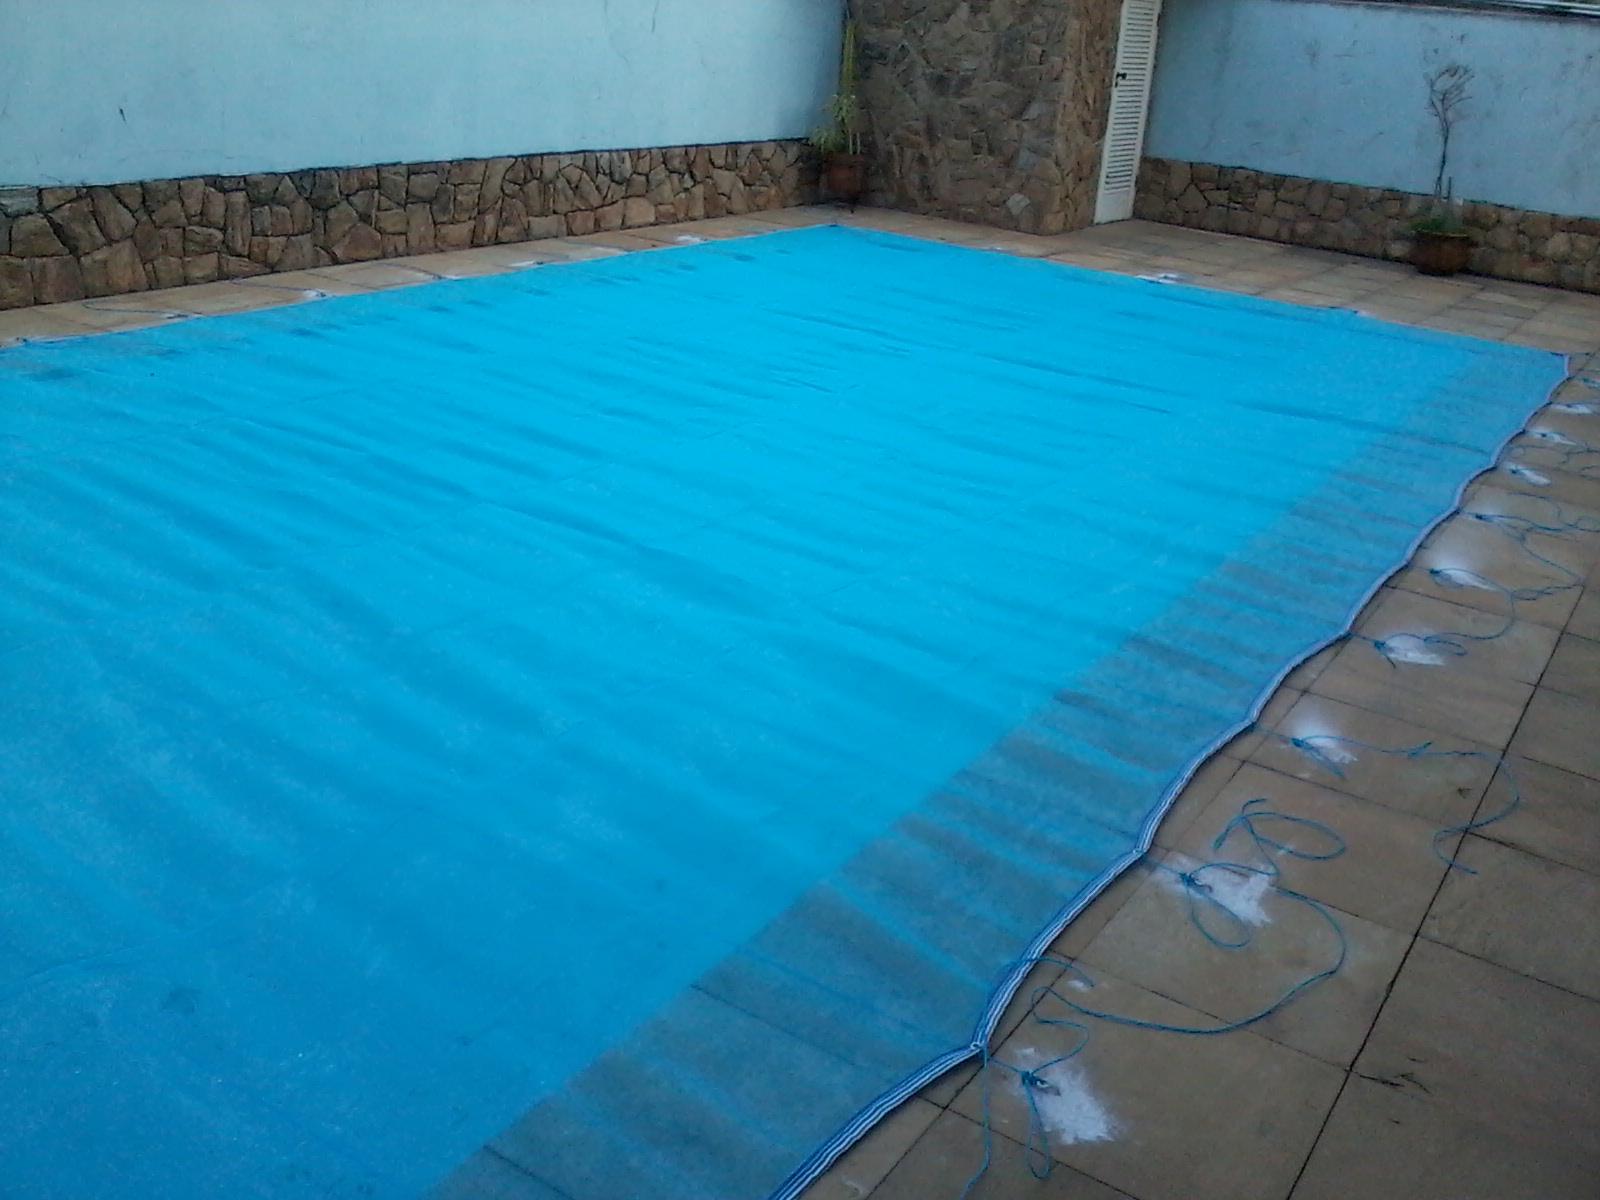 Capas para piscinas no rj telas para piscinas no rj for Tela impermeable para piscinas